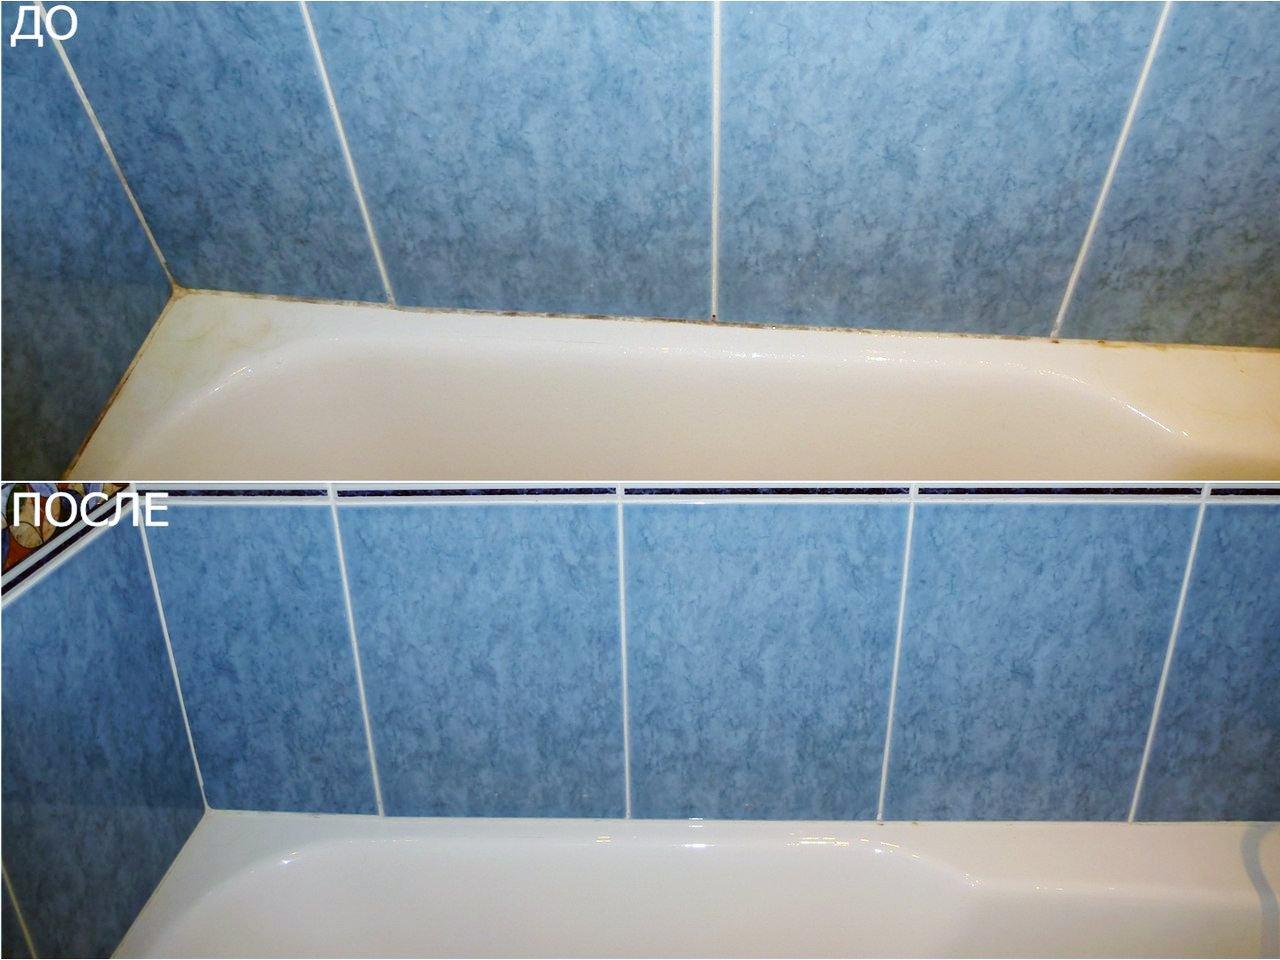 Как удалить грибок в ванной комнате